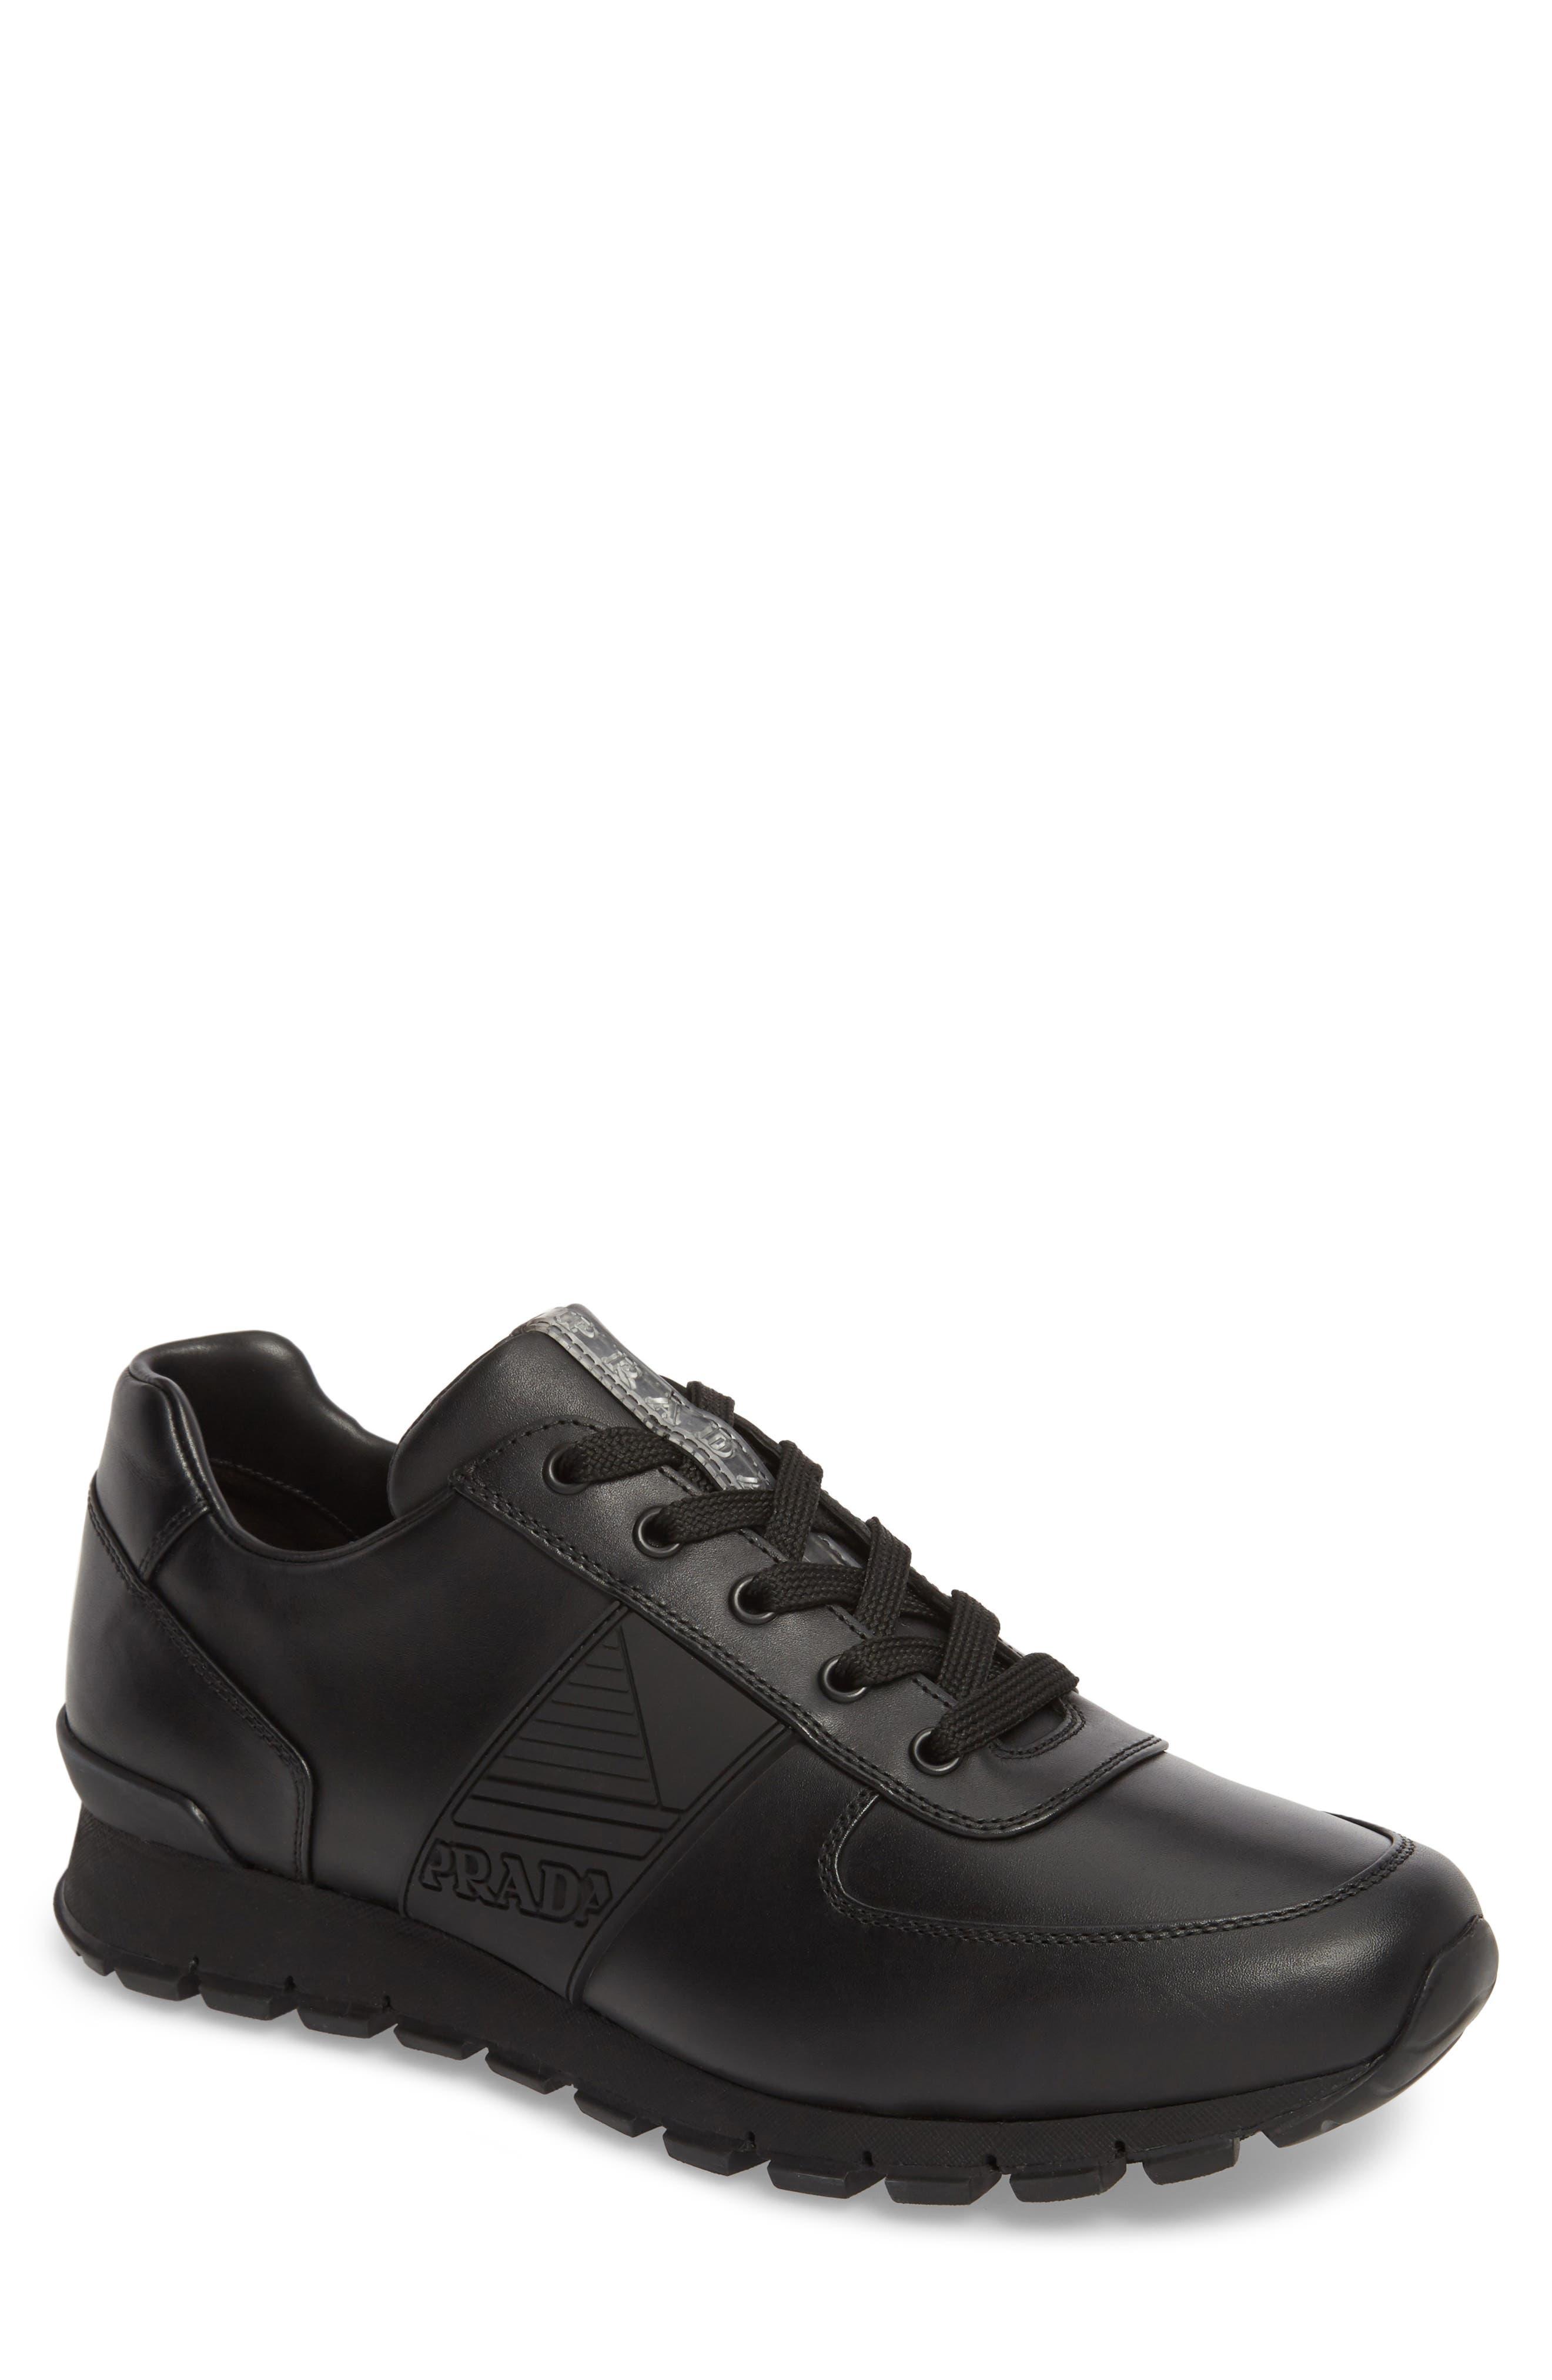 PRADA Linea Rossa Sneaker, Main, color, 001